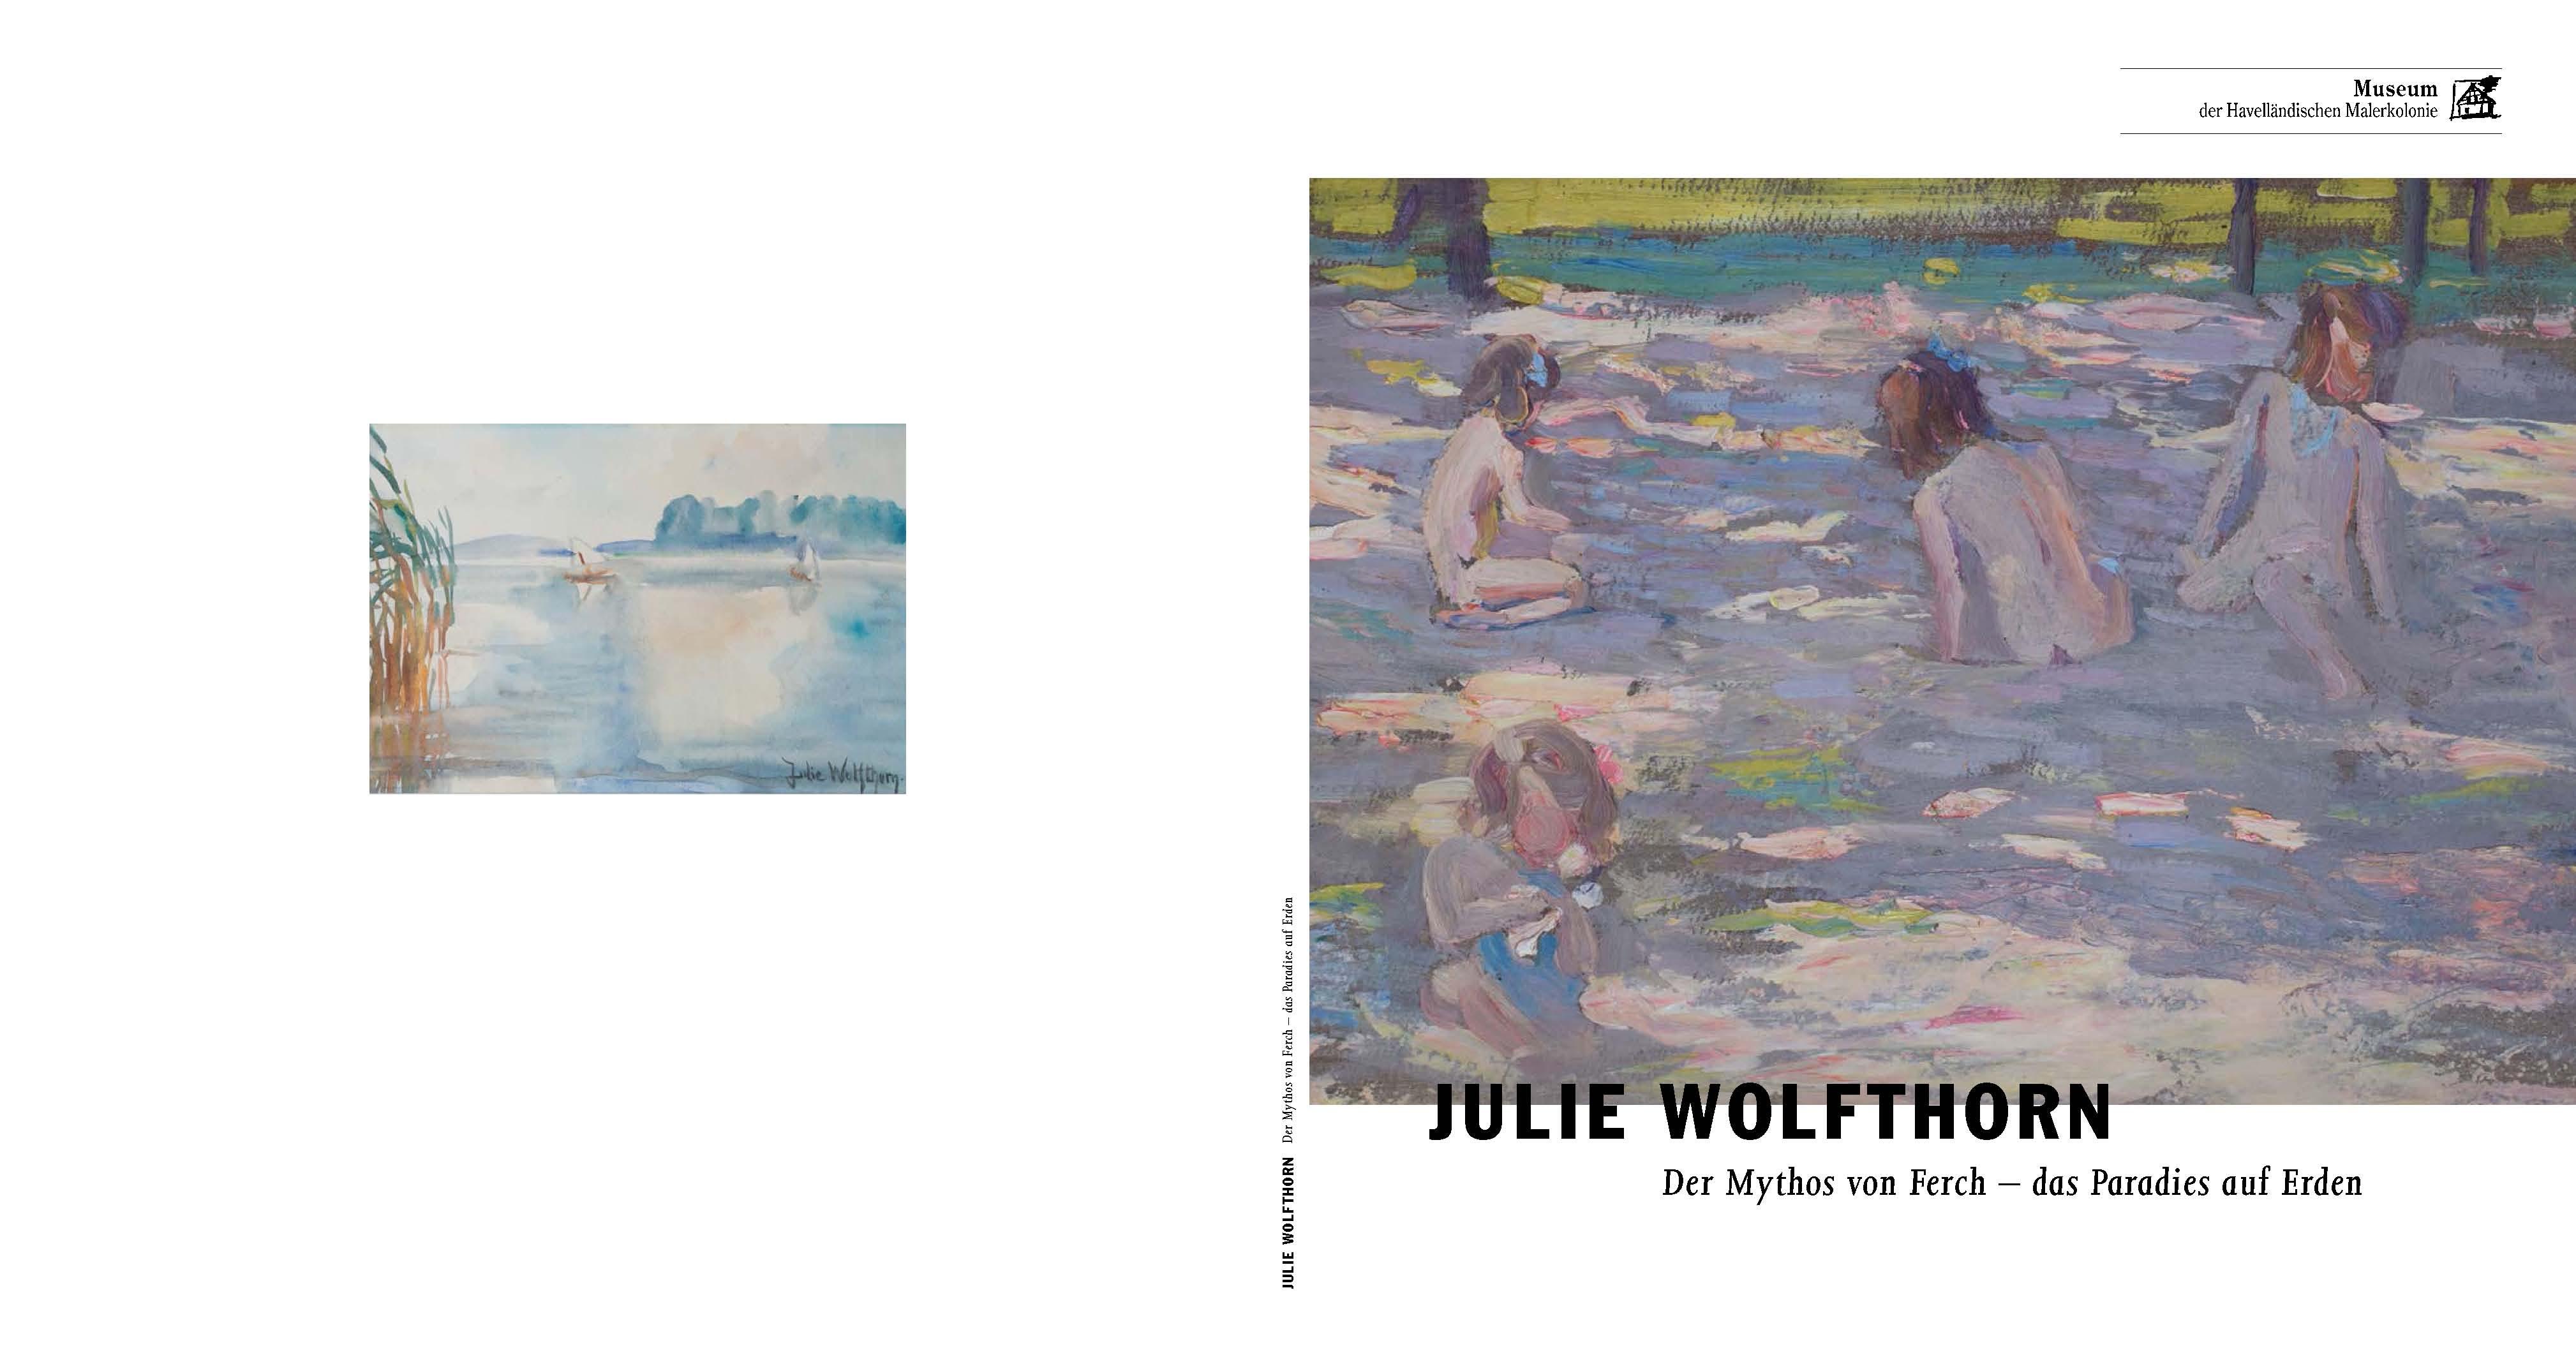 Katalog zur Ausstellung in Ferch, 2016